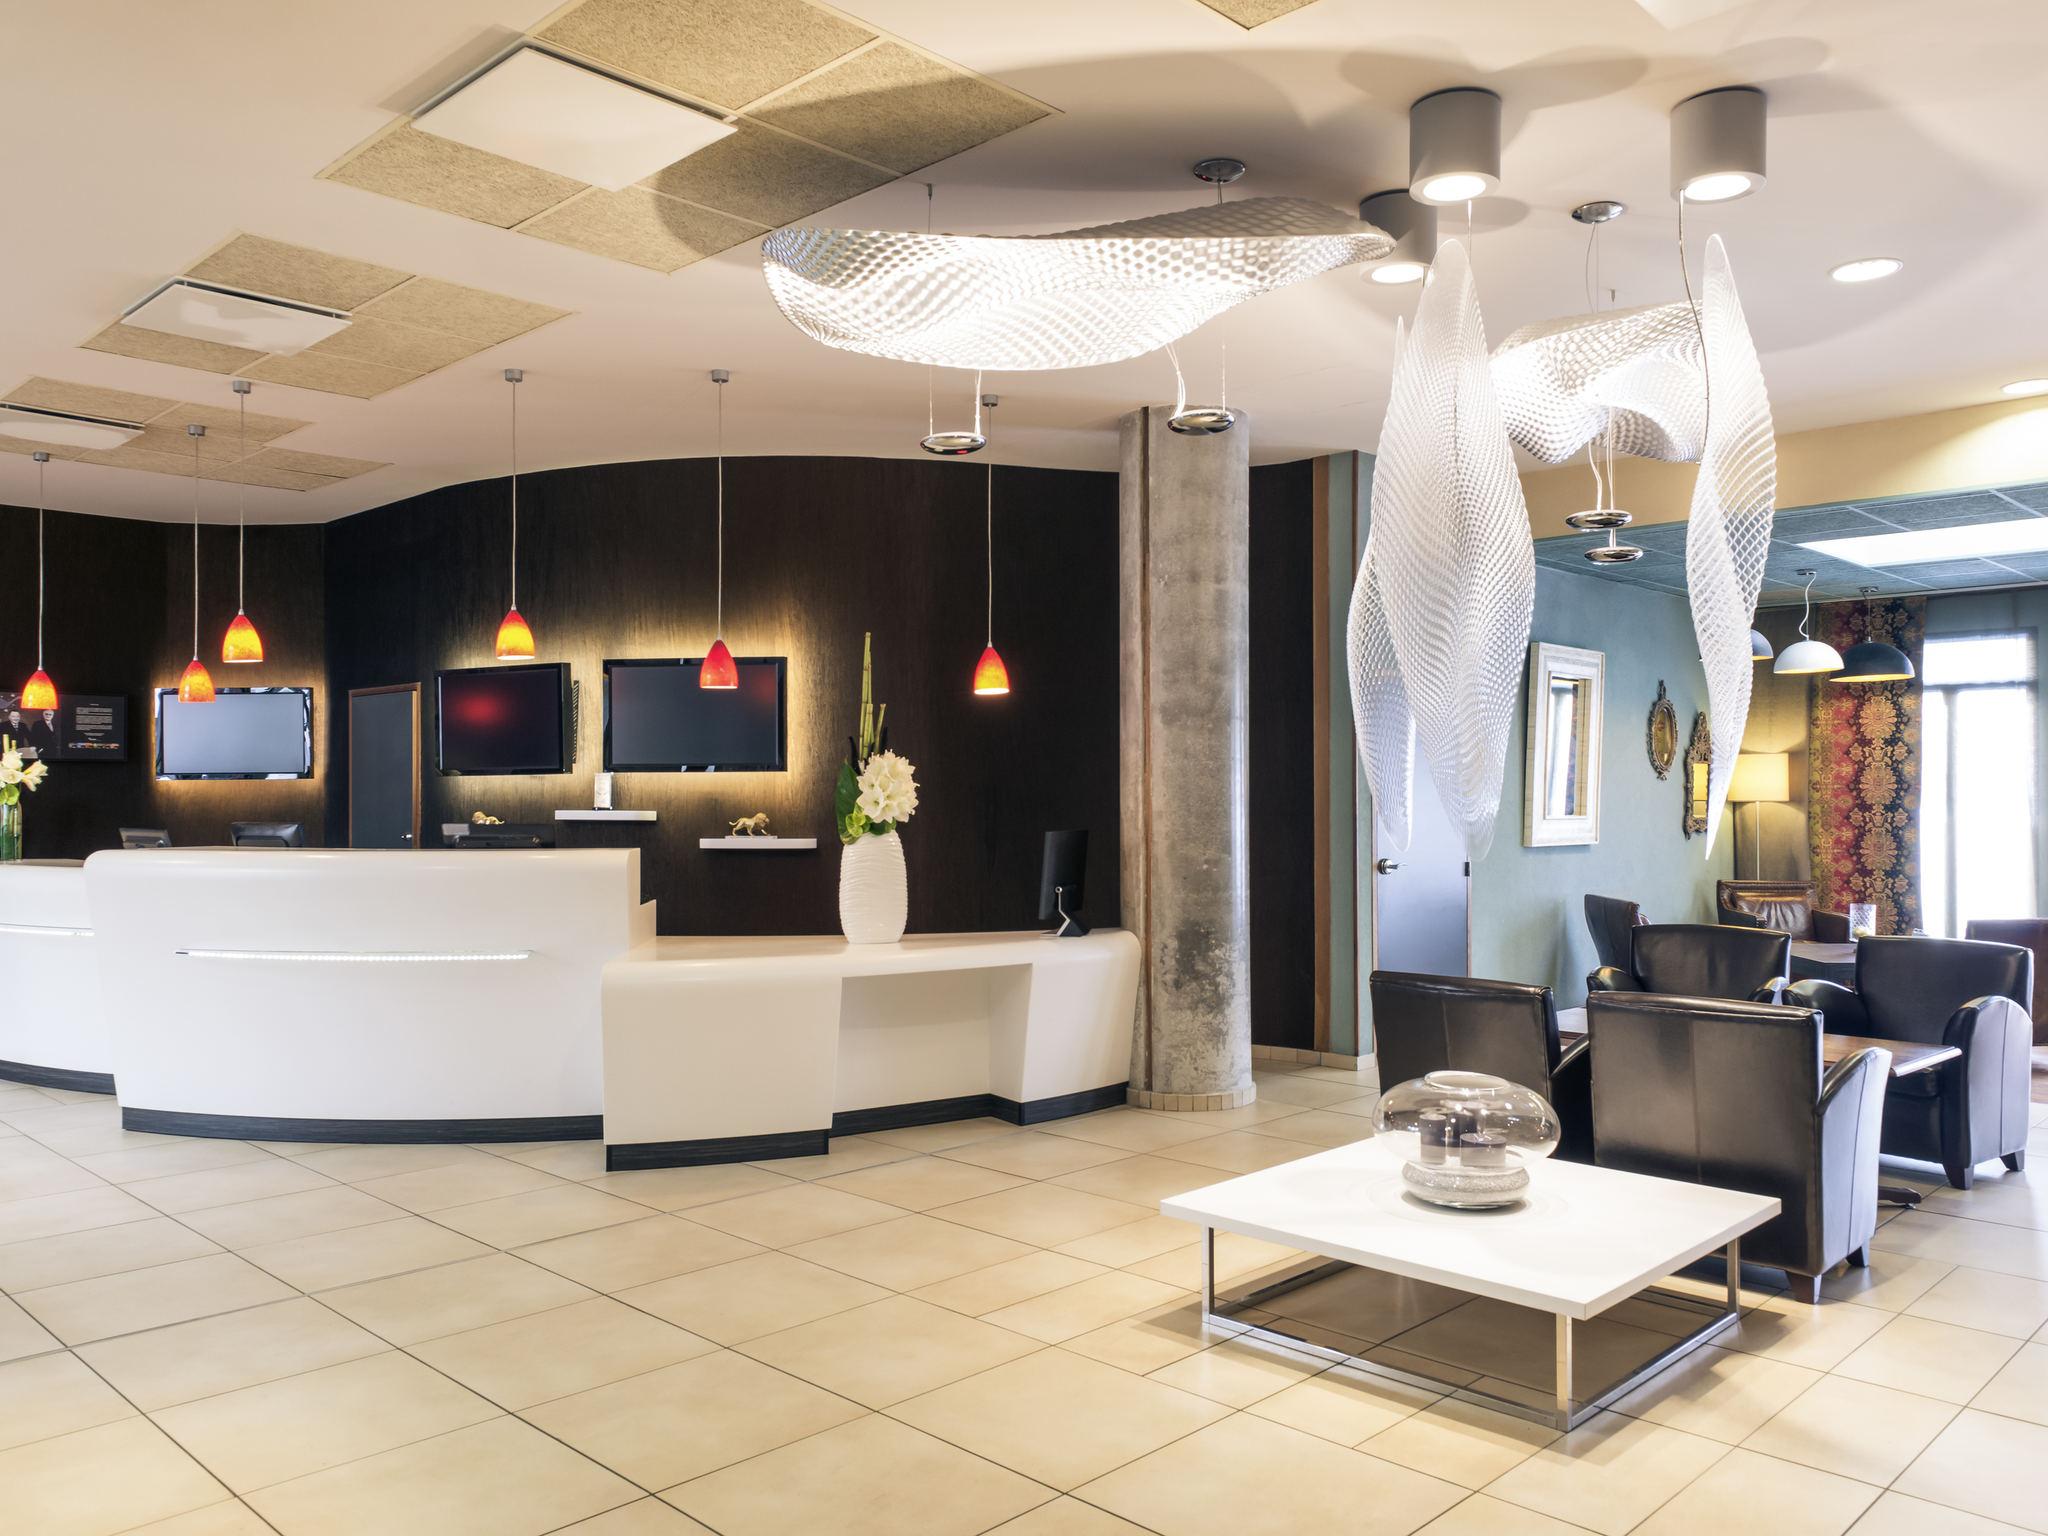 ホテル – メルキュール リヨン サントル ガール パール デュー